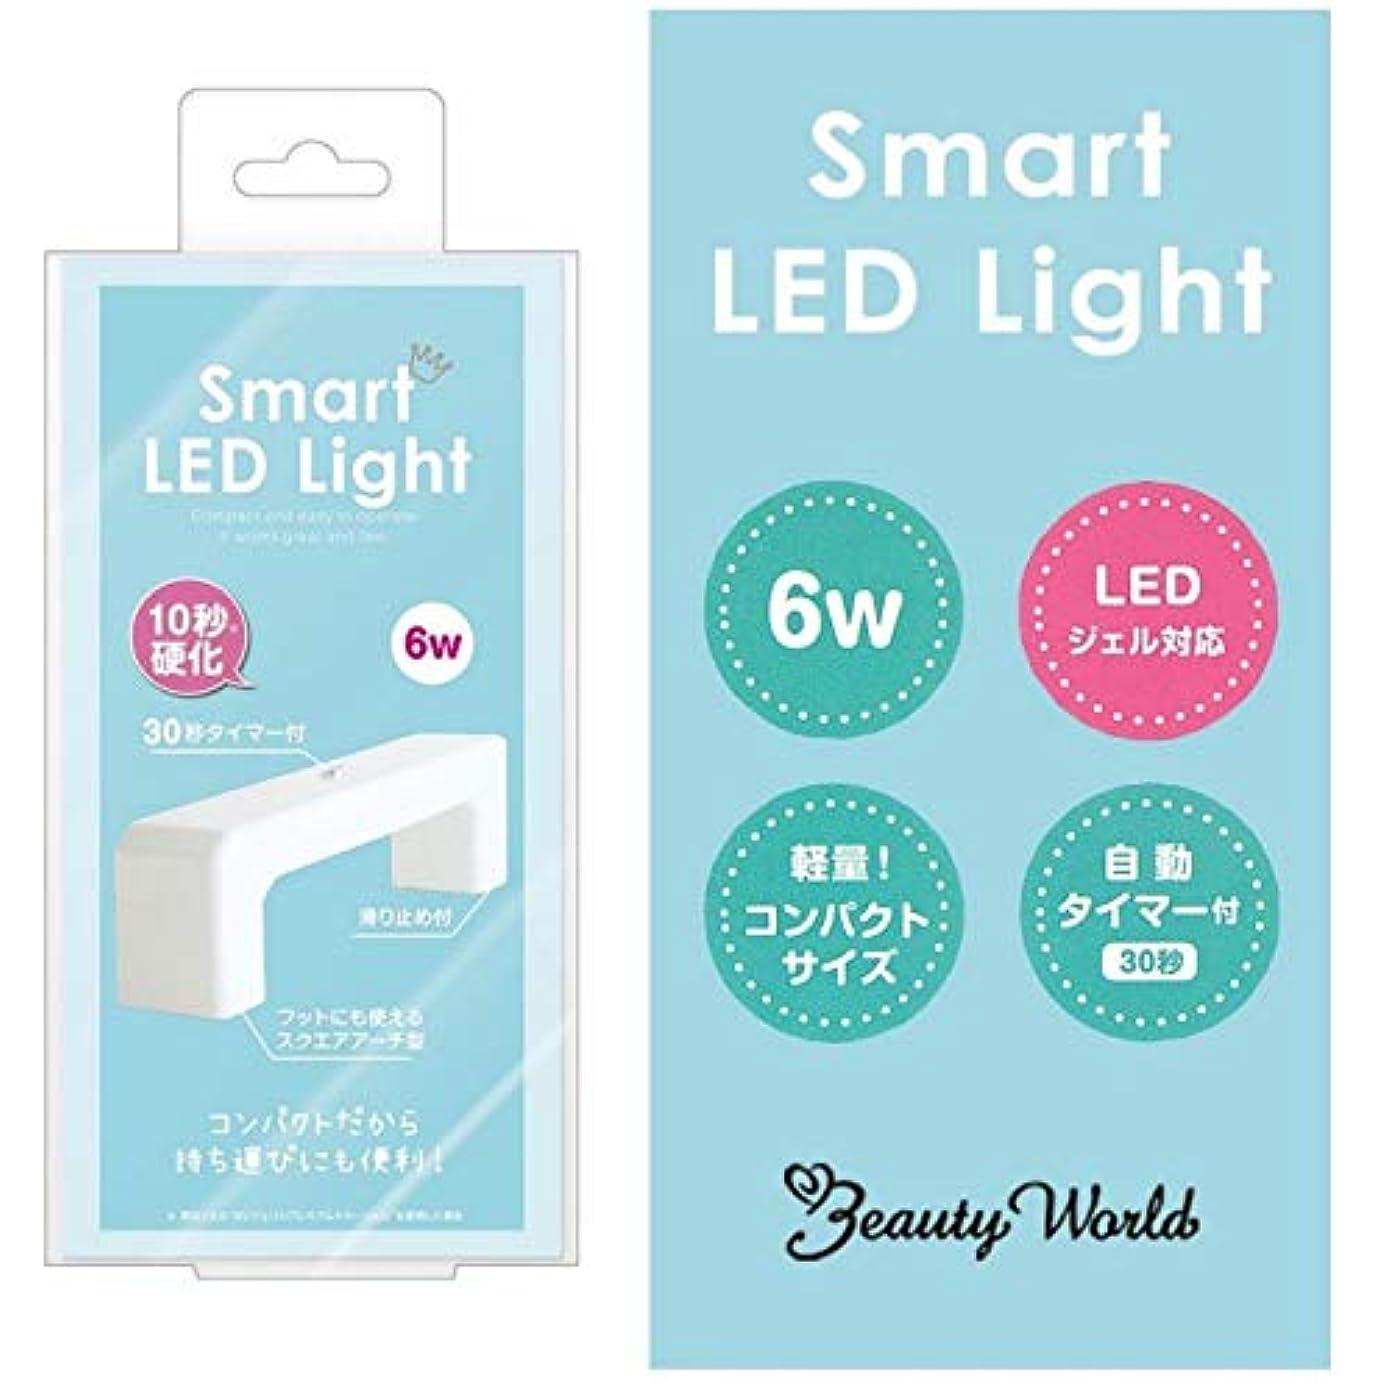 スマートLEDライト LED3801 6W チップ型 LED ライト スクエアアーチ型 自動タイマー付 ハンド フット ジェル ネイル スピーディー 硬化 コンパクト 軽量